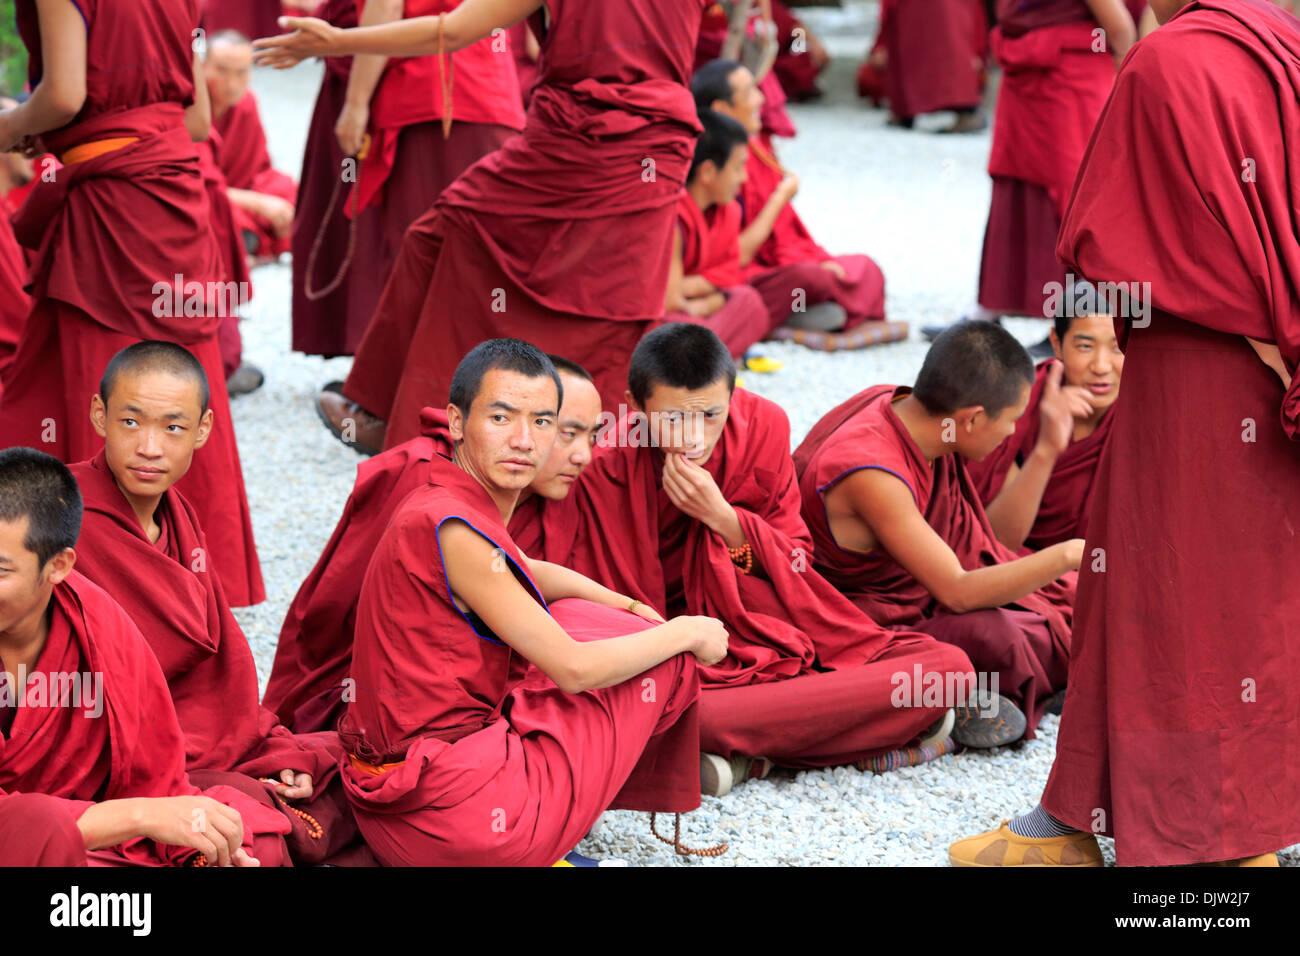 Monks dispute, Sera Monastery, Wangbur Mountain, Lhasa Prefecture, Tibet, China - Stock Image